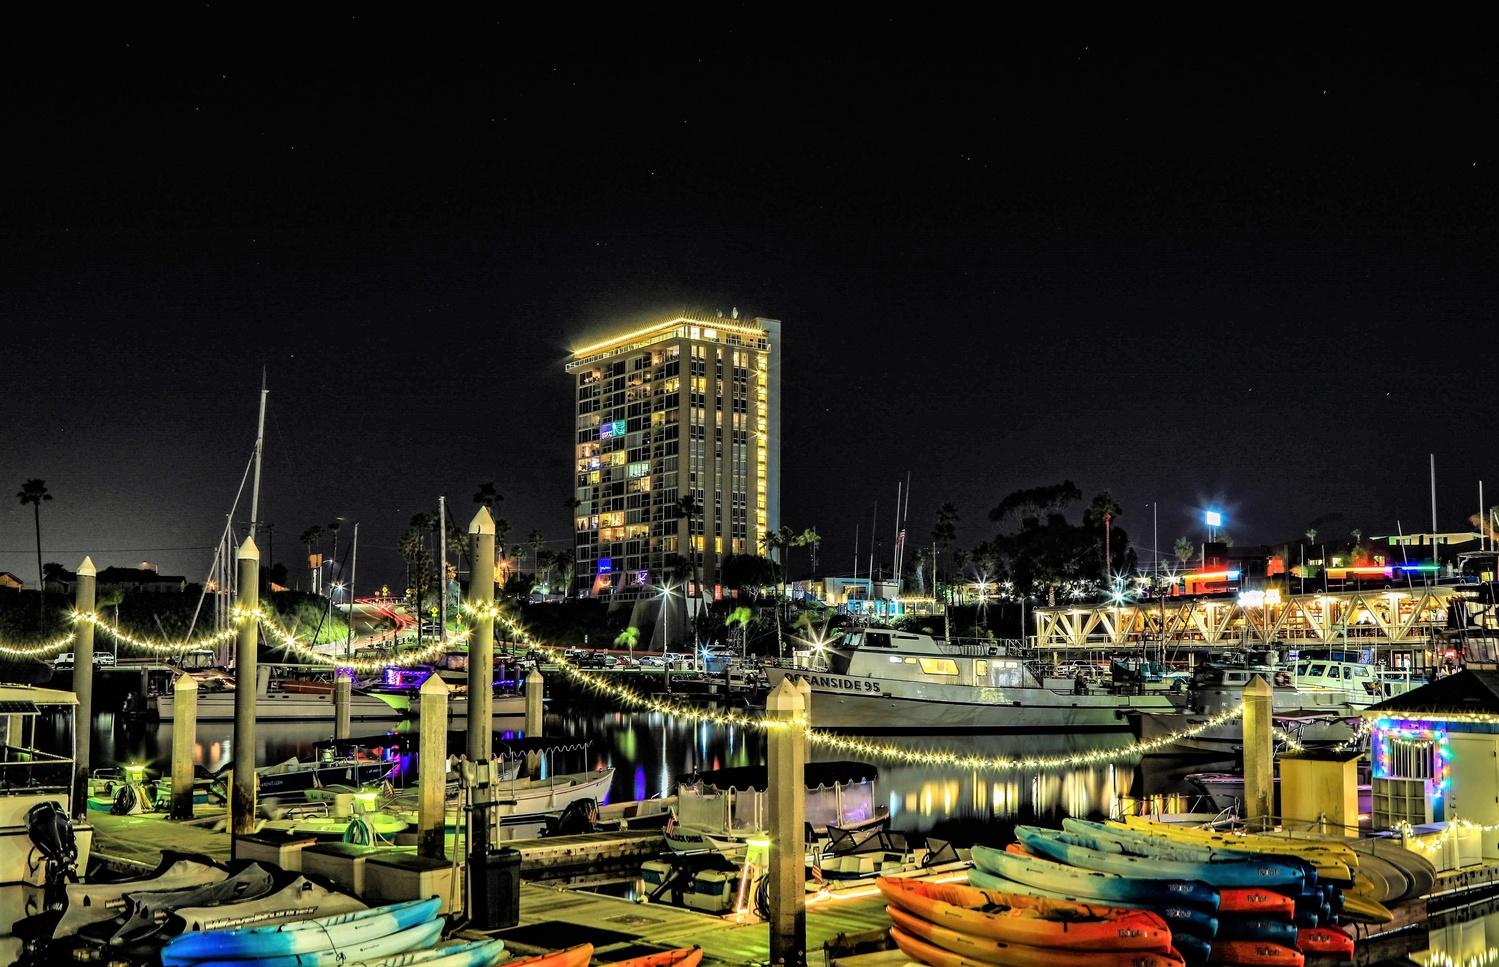 Oceanside Harbor by Christopher Laliberte